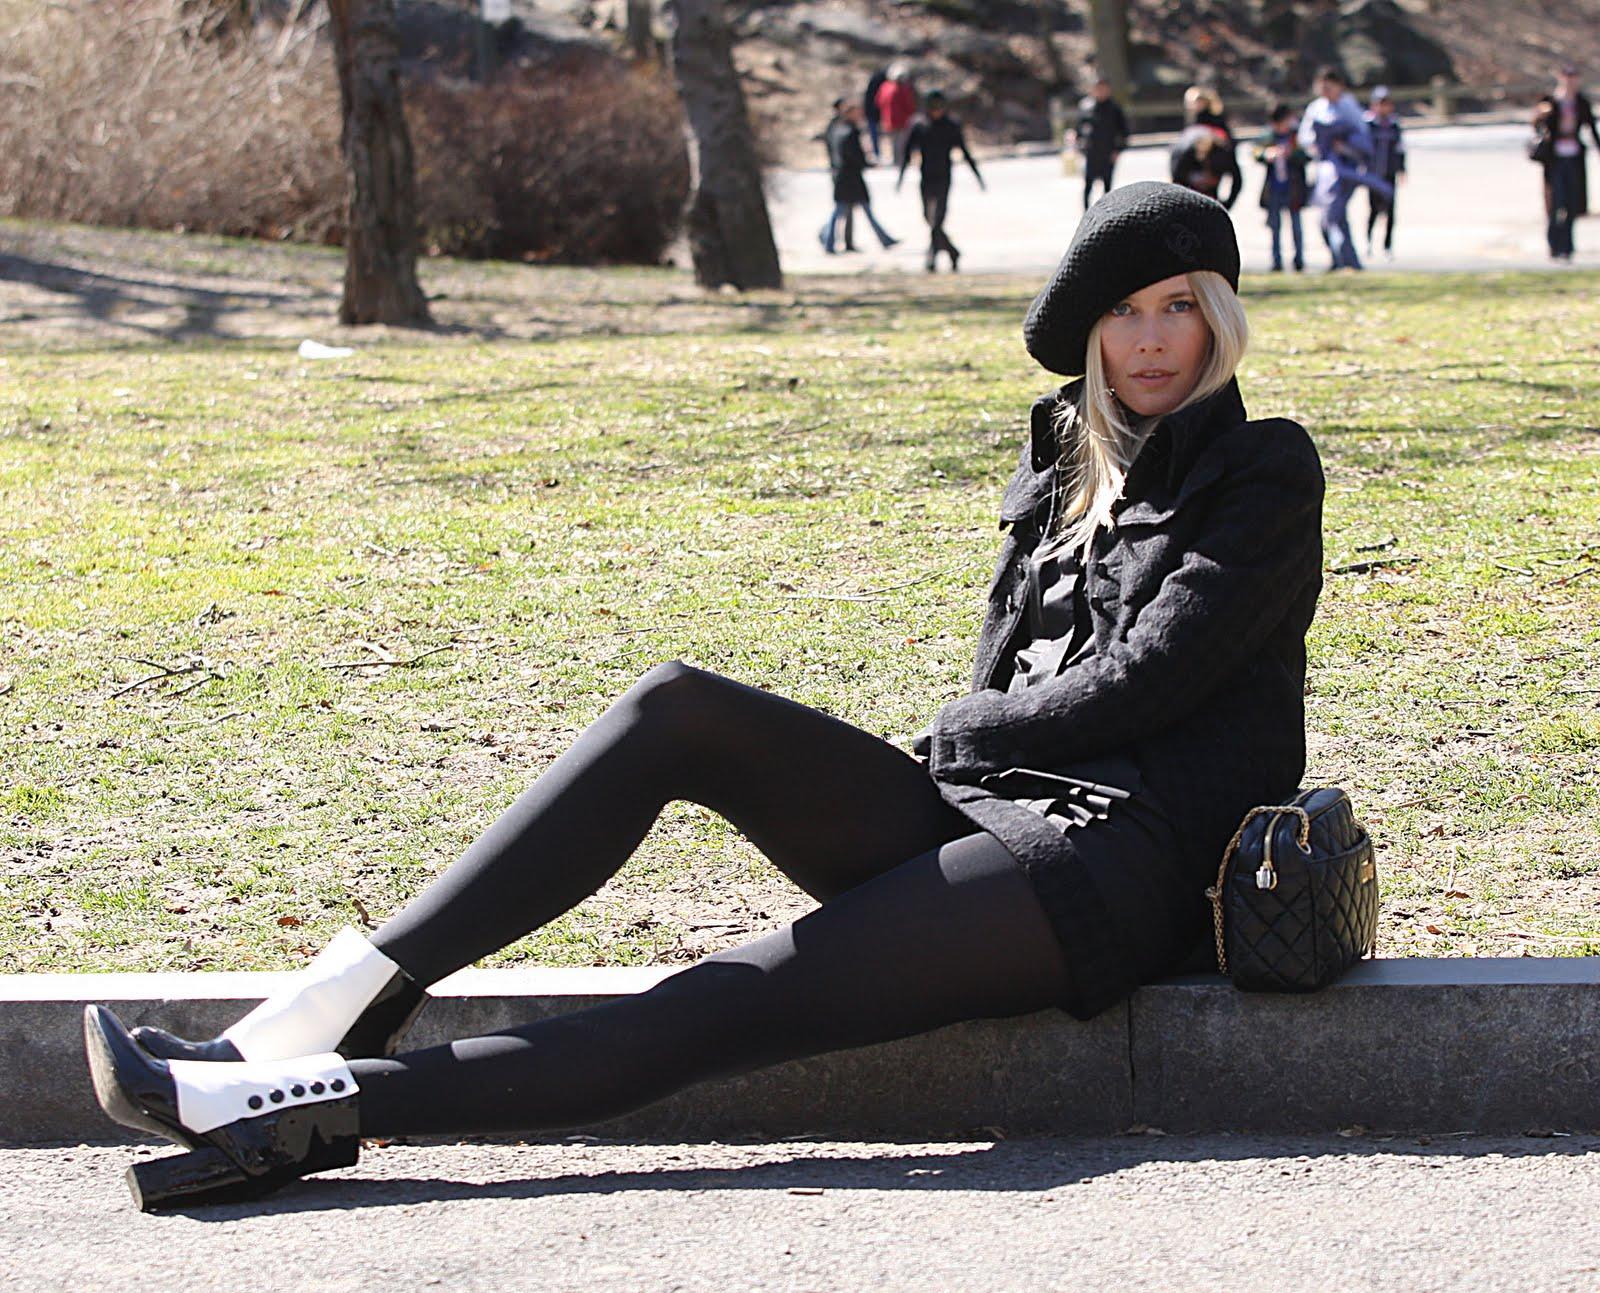 http://3.bp.blogspot.com/_gXWFiD0Ej0w/S8ClpvDiqqI/AAAAAAAAEMU/PcfJAIwaLEk/s1600/Claudia+26.jpg